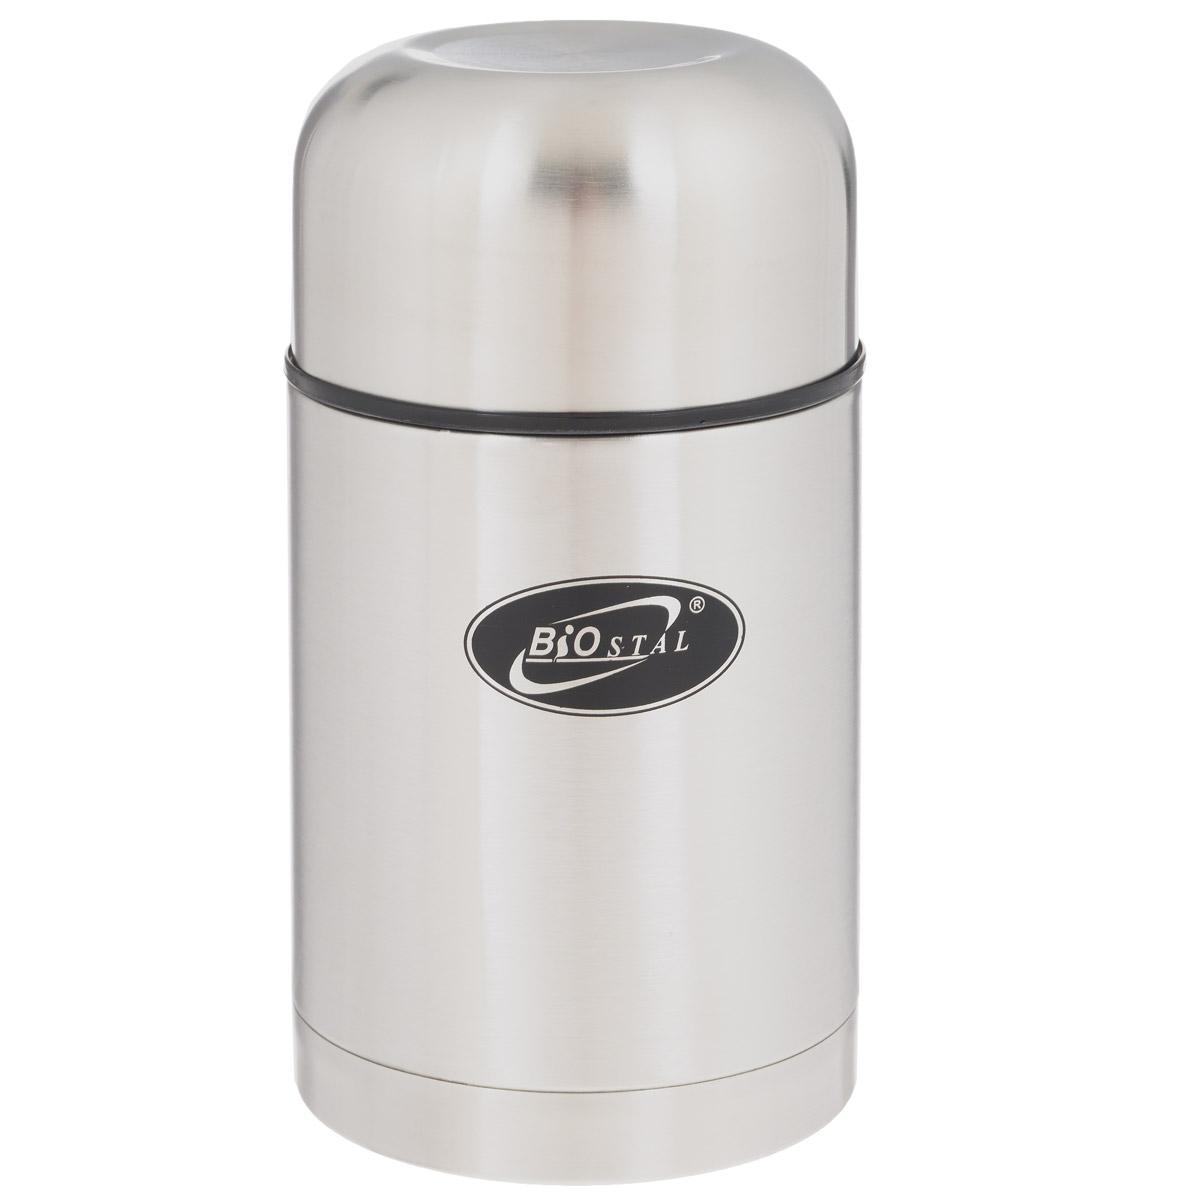 Термос BIOSTAL, в чехле, 750 мл. NT-750P737944Пищевой термос с широким горлом BIOSTAL, изготовленный из высококачественной нержавеющей стали, относится к классической серии. Термосы этой серии, являющейся лидером продаж, просты в использовании, экономичны и многофункциональны. Термос с широким горлом предназначен для хранения горячей и холодной пищи, замороженных продуктов, мороженного, фруктов и льда и укомплектован пробкой с клапаном. Такая пробка обладает дополнительной теплоизоляцией и позволяет термосу дольше хранить тепло (до 24 часов), а клапан облегчает его открытие. Изделие также оснащено крышкой-чашкой и текстильным чехлом для хранения и переноски термоса. Легкий и прочный термос BIOSTAL сохранит ваши напитки горячими или холодными надолго.Высота (с учетом крышки): 19 см.Диаметр горлышка: 8 см.